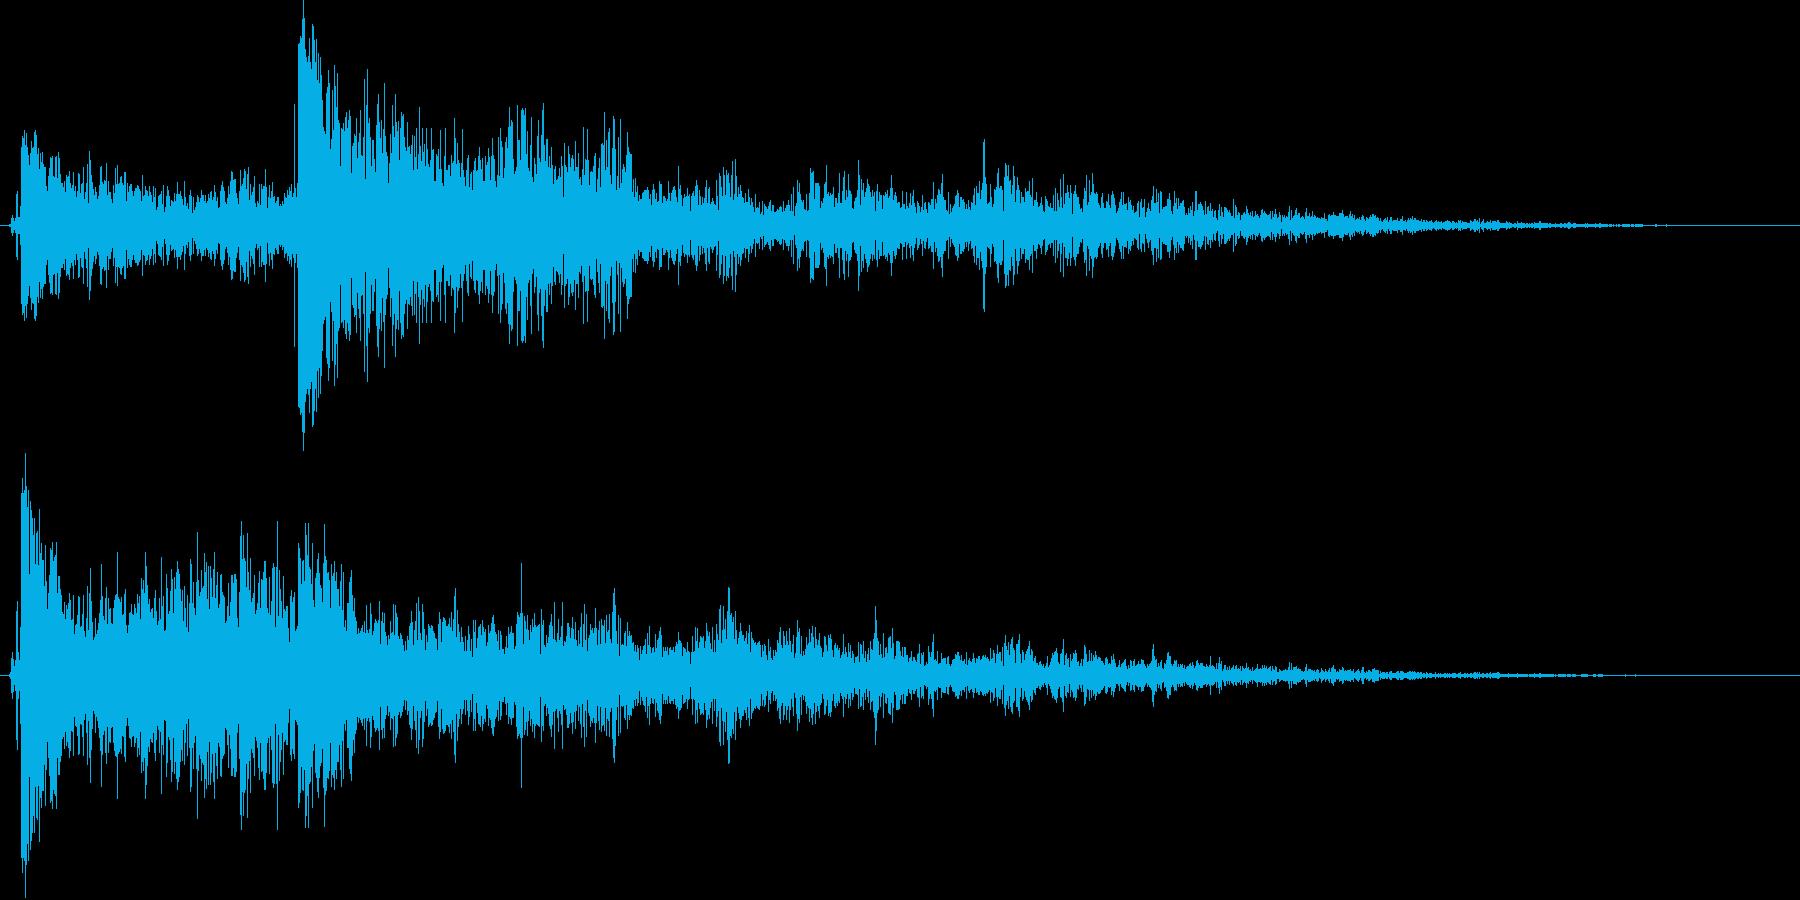 【爆発系効果音】左右で爆発が起きる音の再生済みの波形